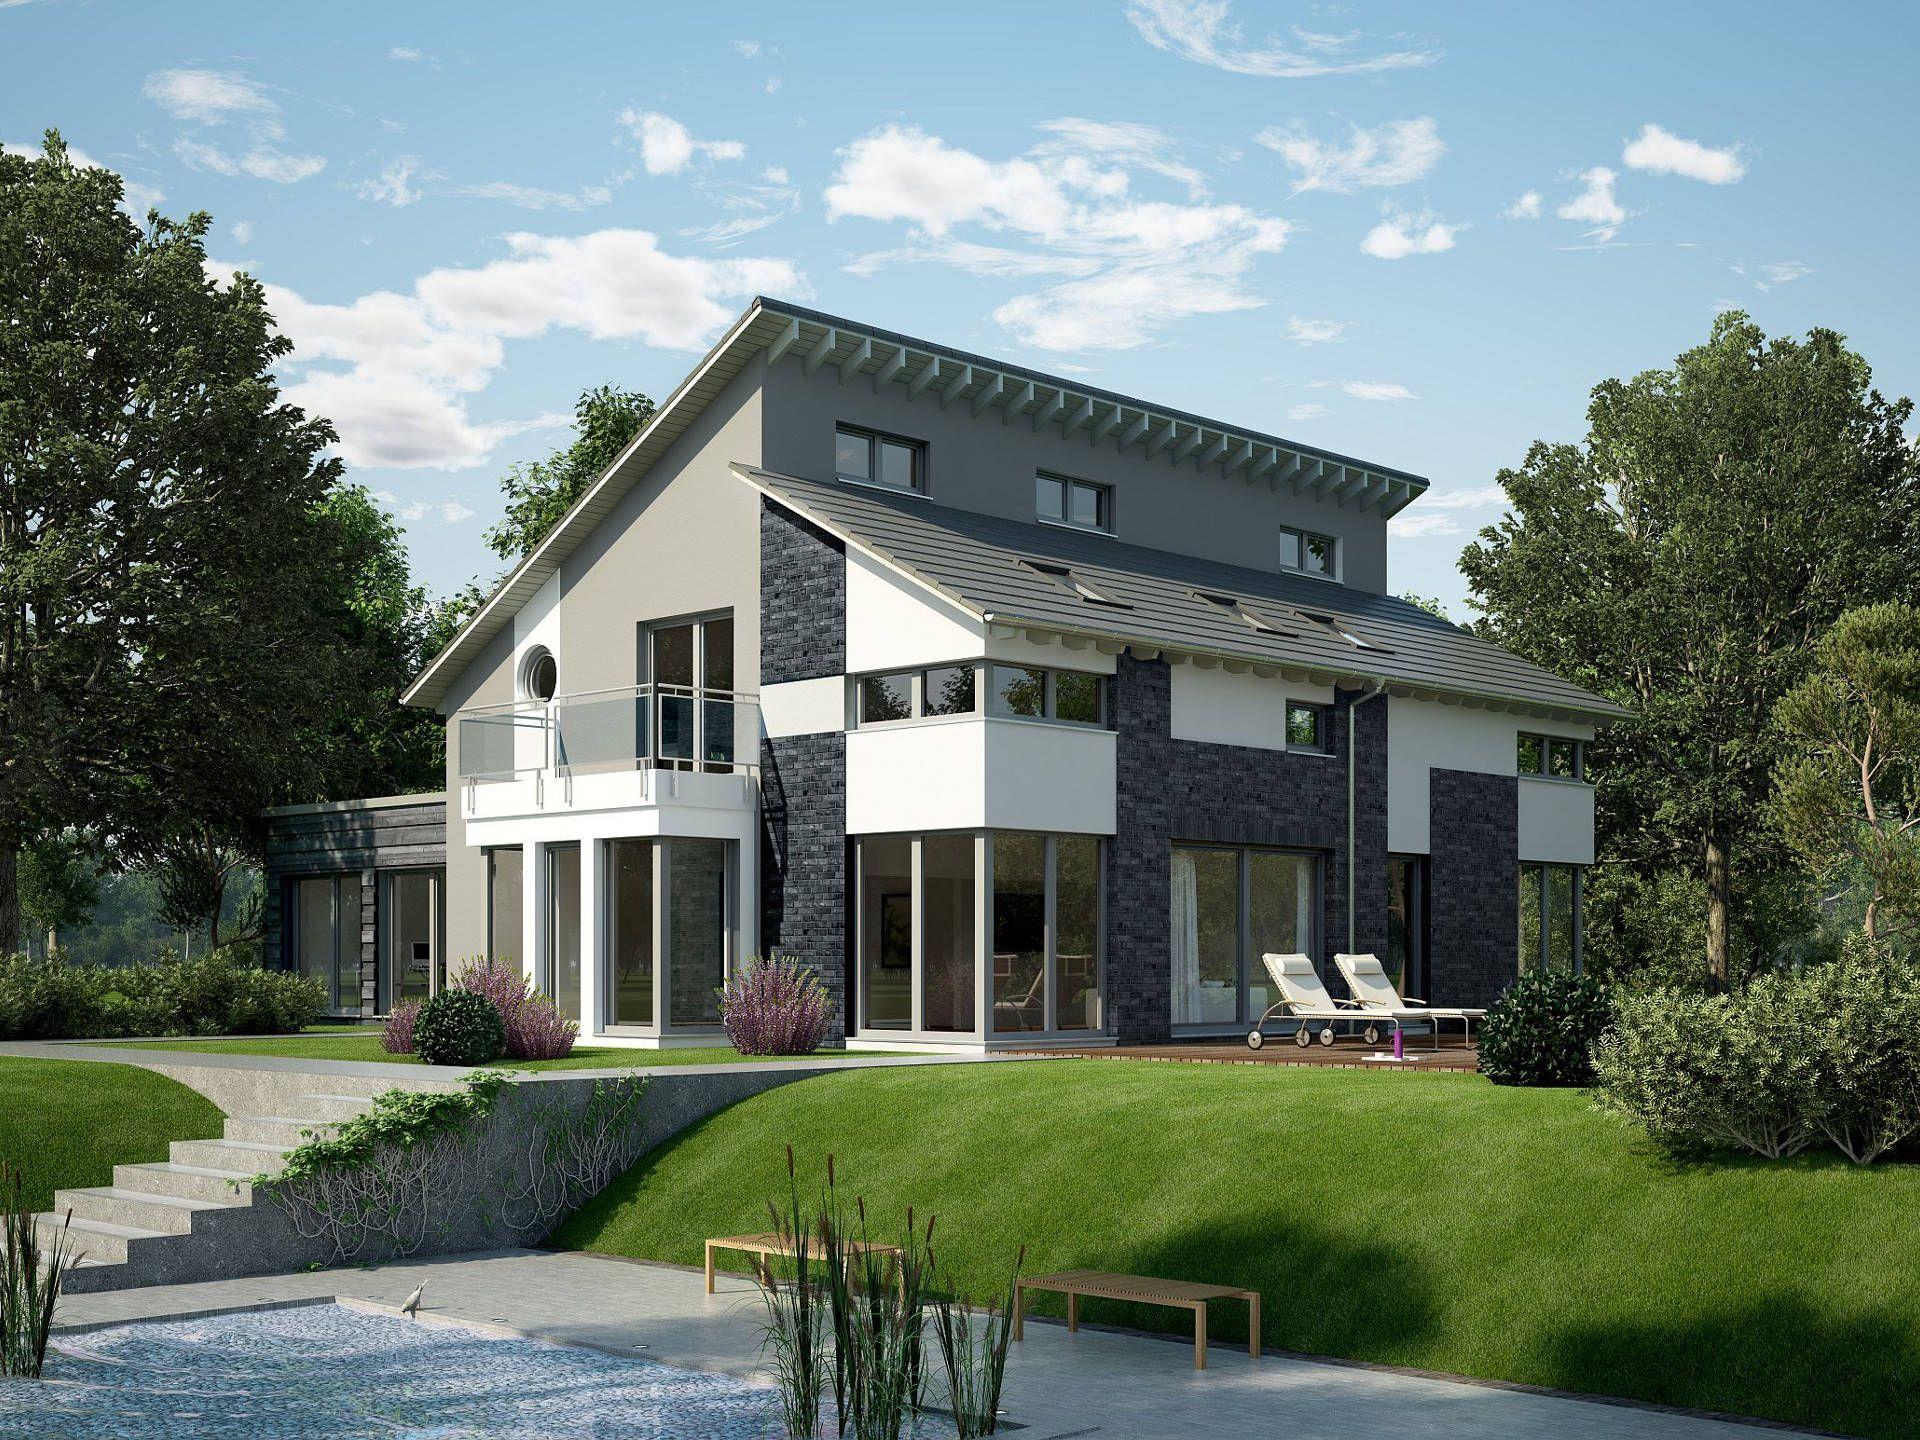 Okal Haus okal haus pultdachhaus bauen